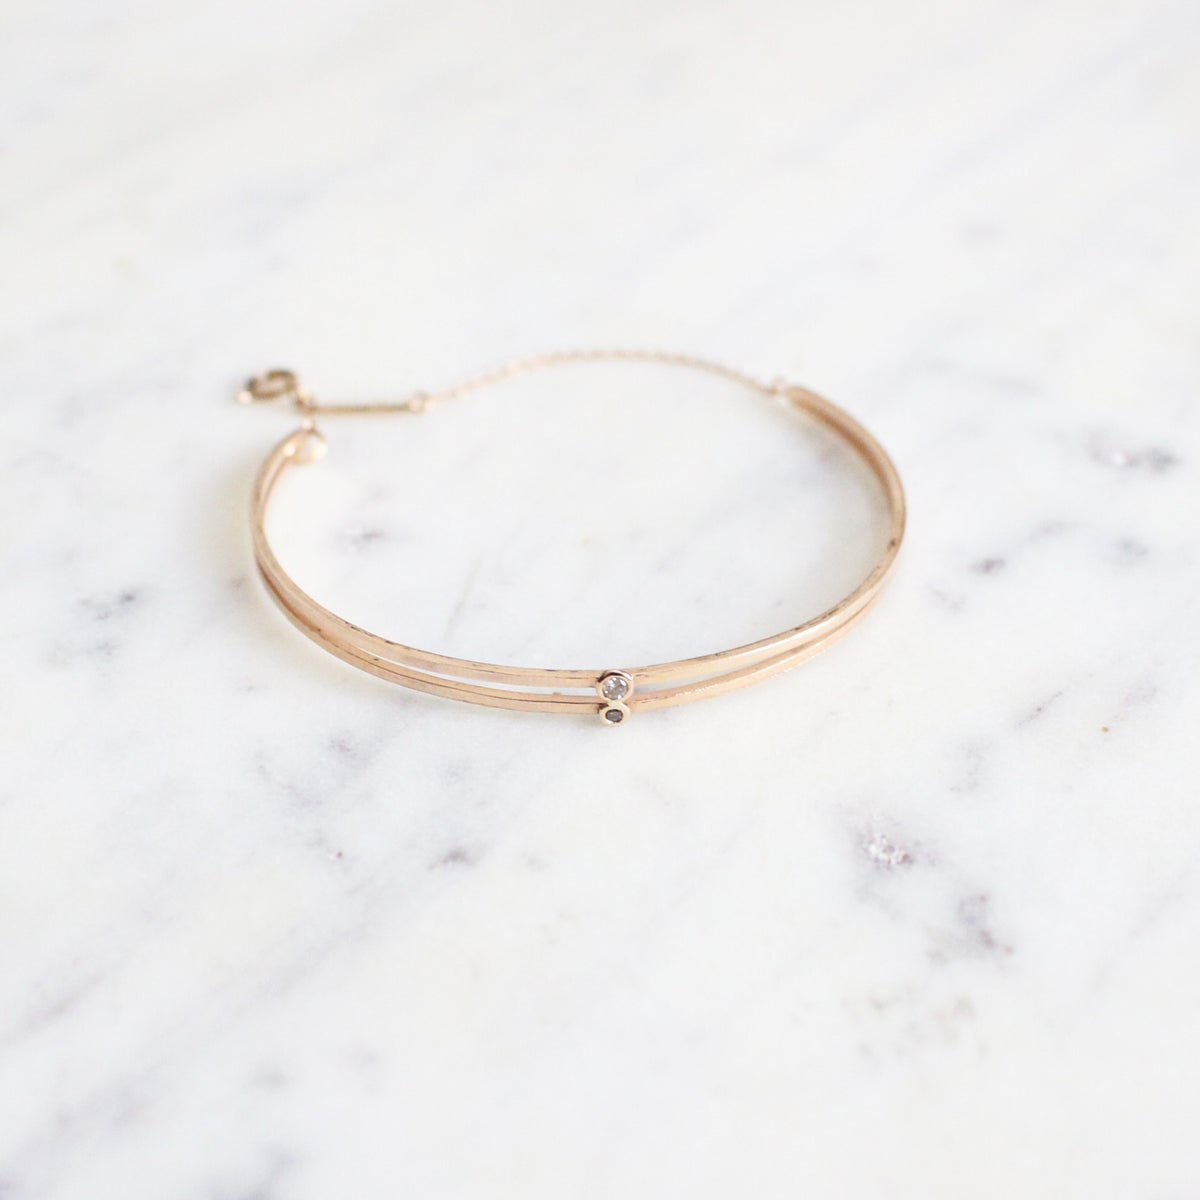 Image of Breeze Cuff Bracelet